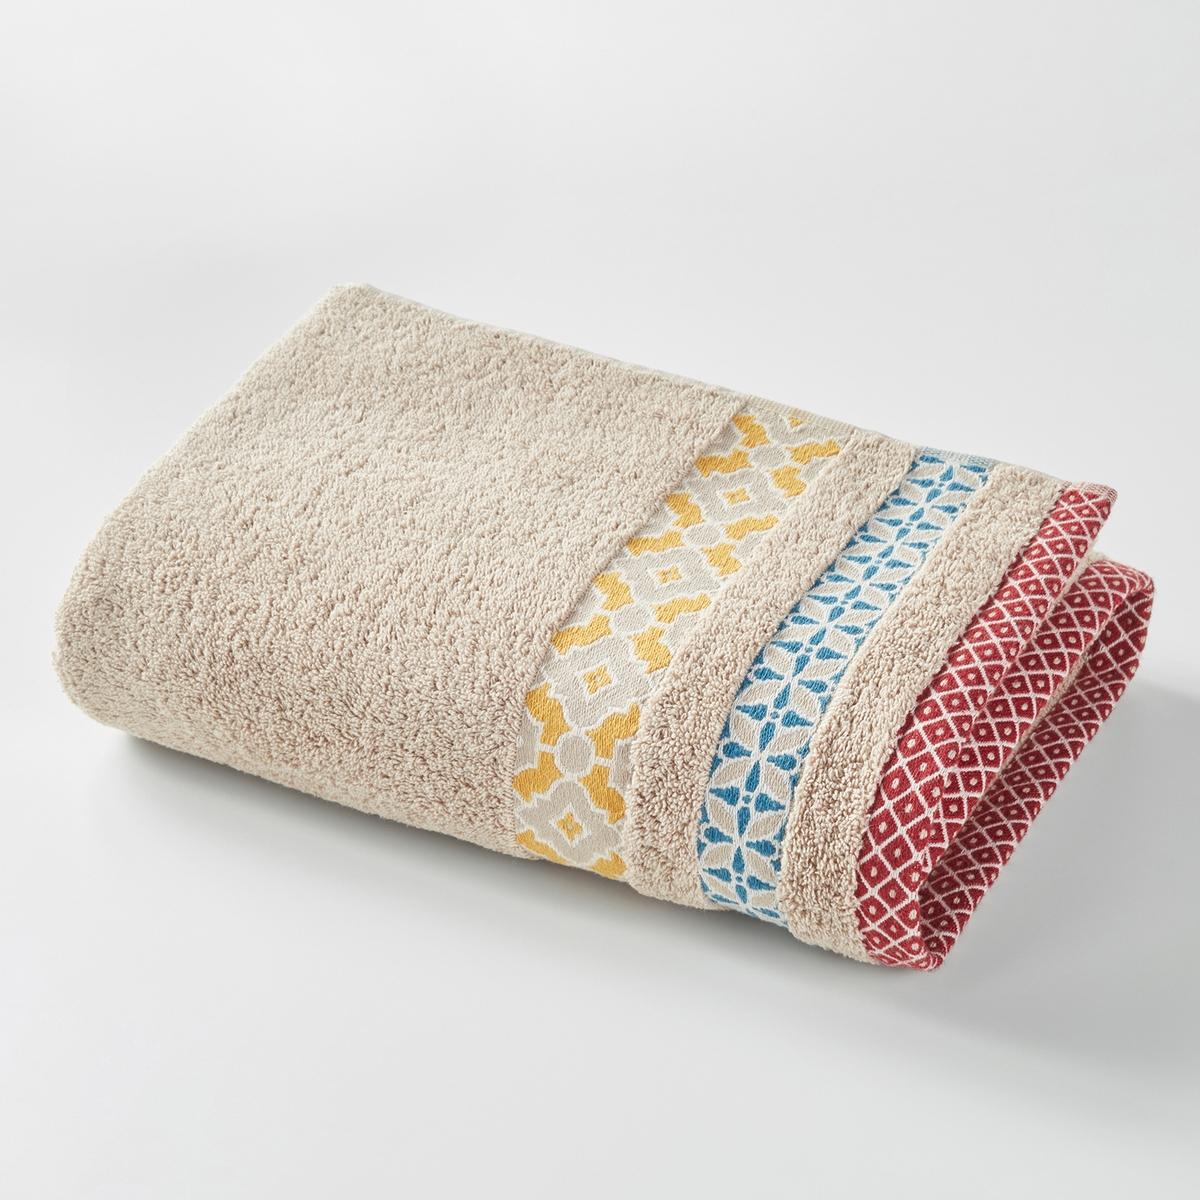 Полотенце махровое EVORA, 100% хлопок.Махровое полотенце EVORA с отделкой цветной кромкой, из хлопка. Полотенце из мягкого и плотного хлопка с отделкой цветной кромкой оживит Вашу ванную комнату.Характеристики:Материал: махра, 100% хлопок, 500 г/м?.Уход:Стирать при 60°С.Жаккардовая кромка.Размеры:50 x 100 см.Существует в 3-х цветах, которые можно сочетать по Вашему желанию.<br><br>Цвет: бежевый,кирпичный,сине-зеленый